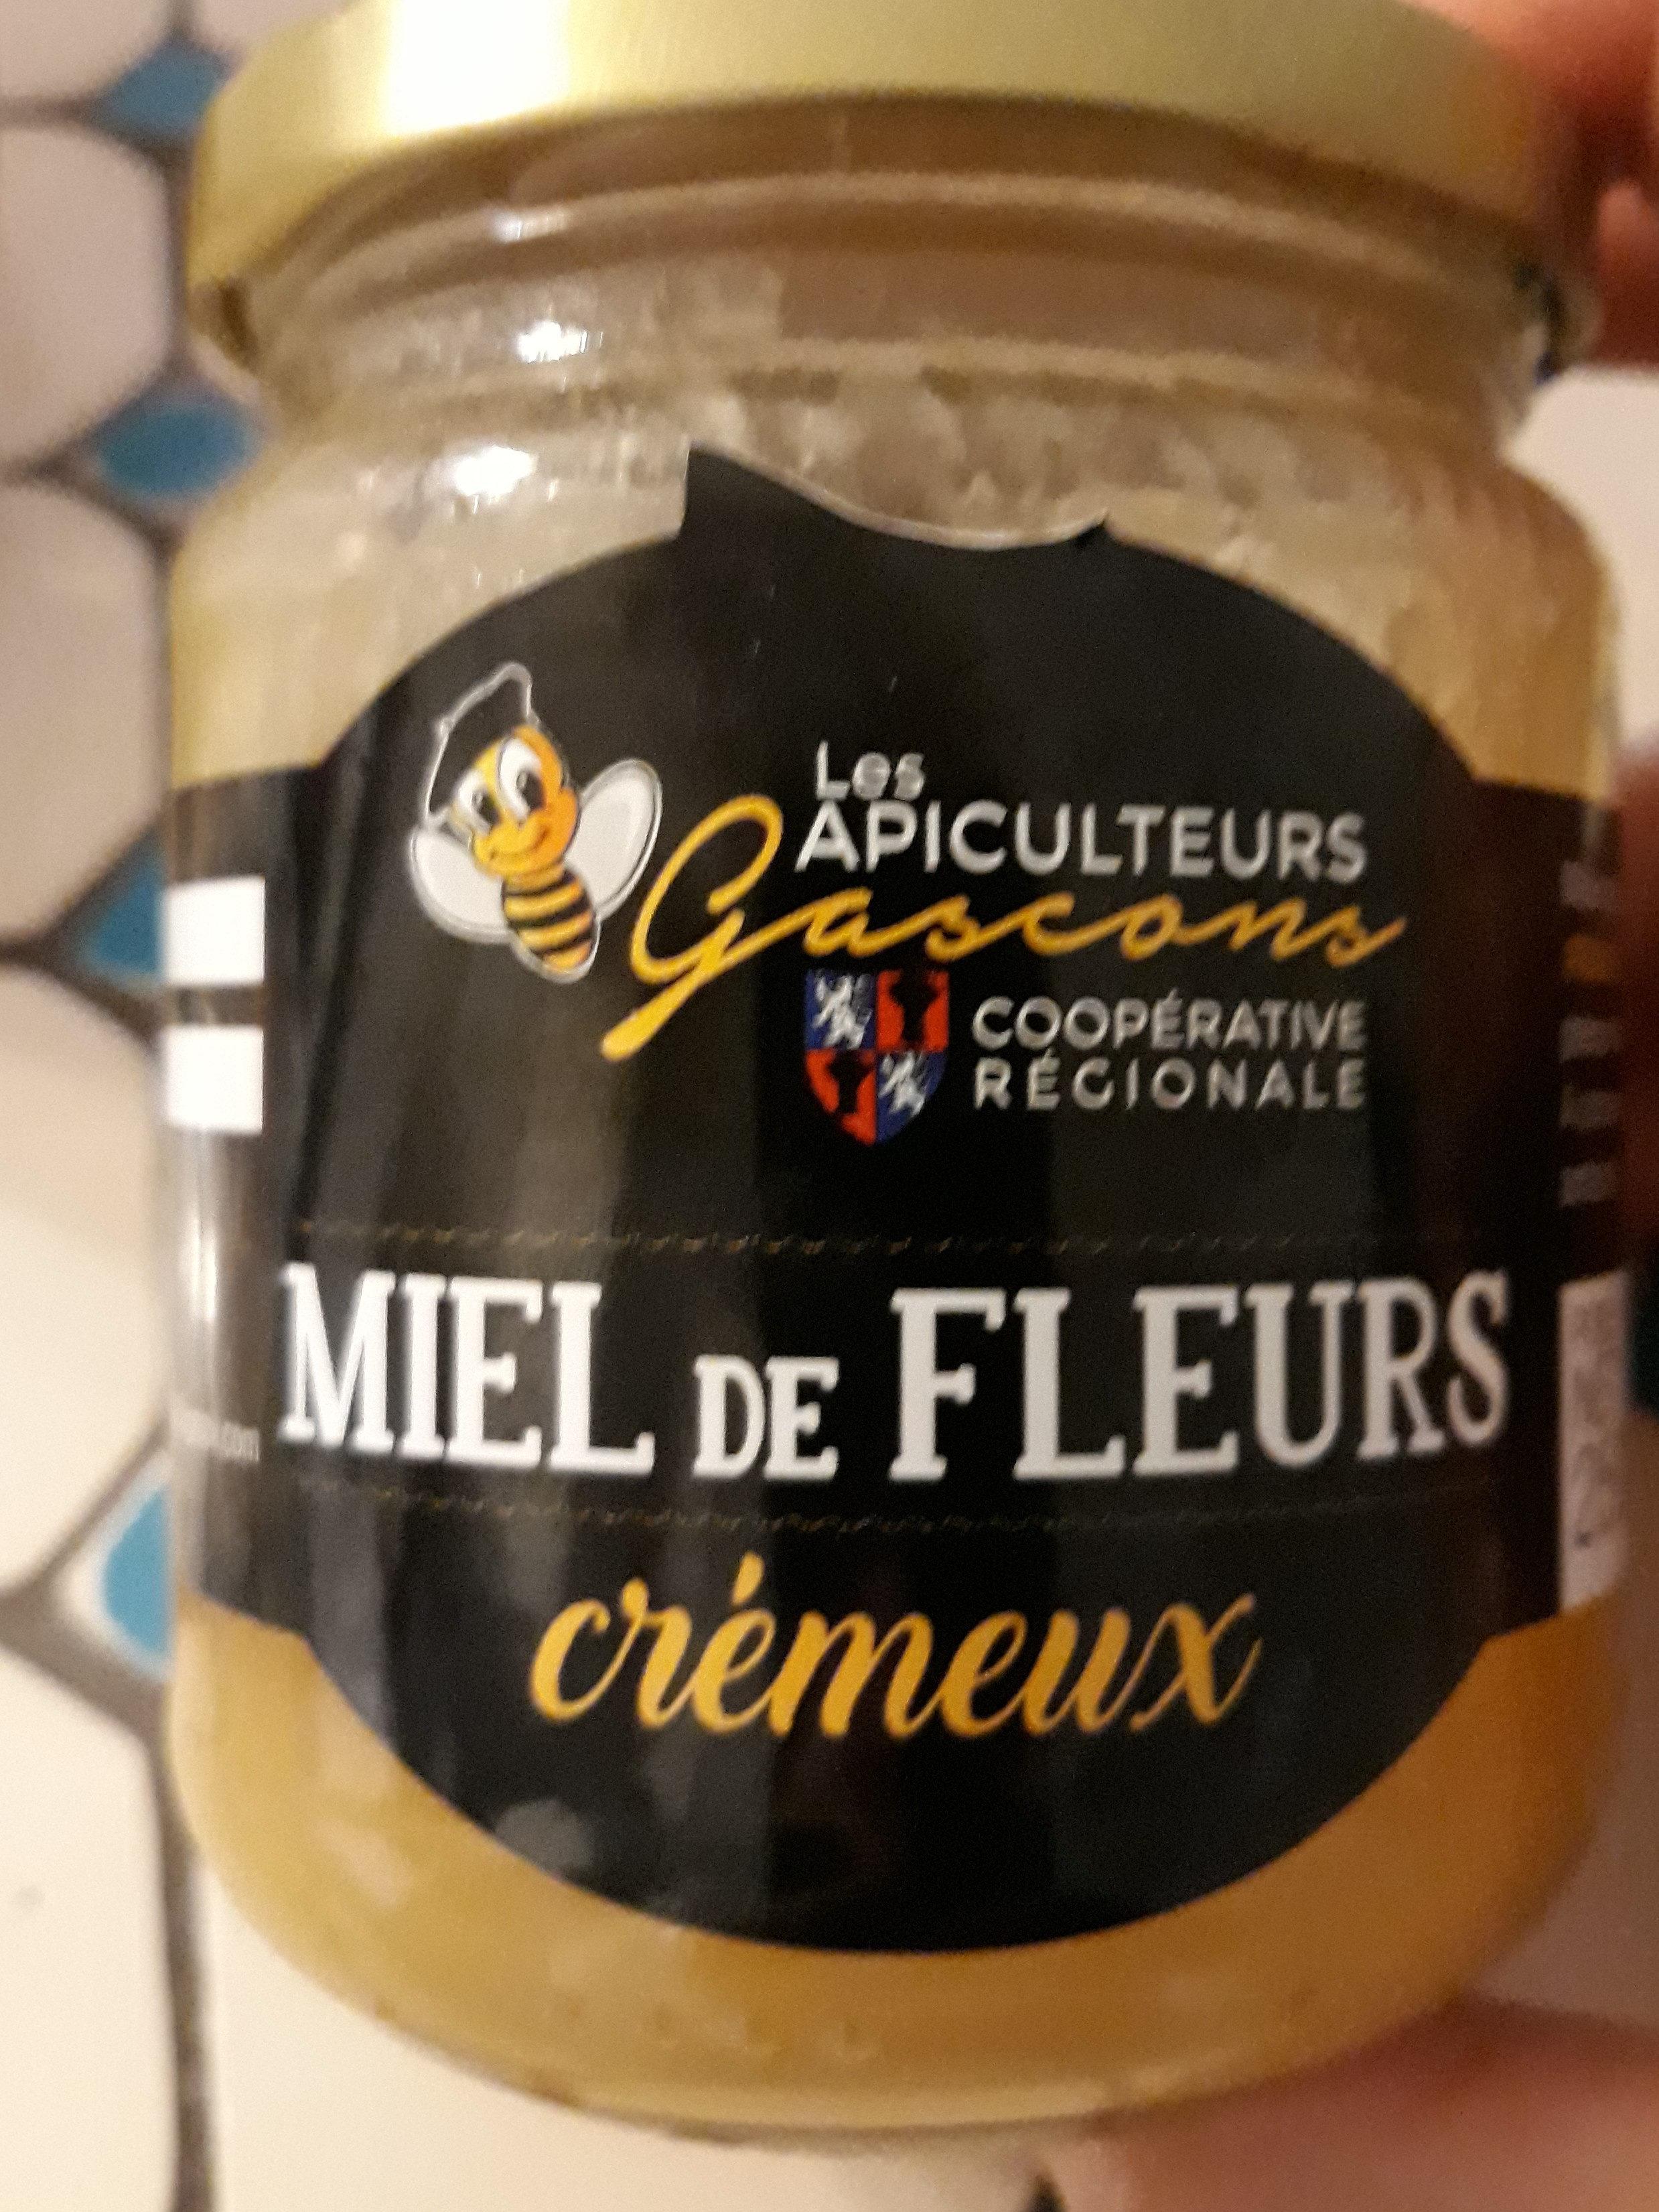 miel de fleurs cremeux - Product